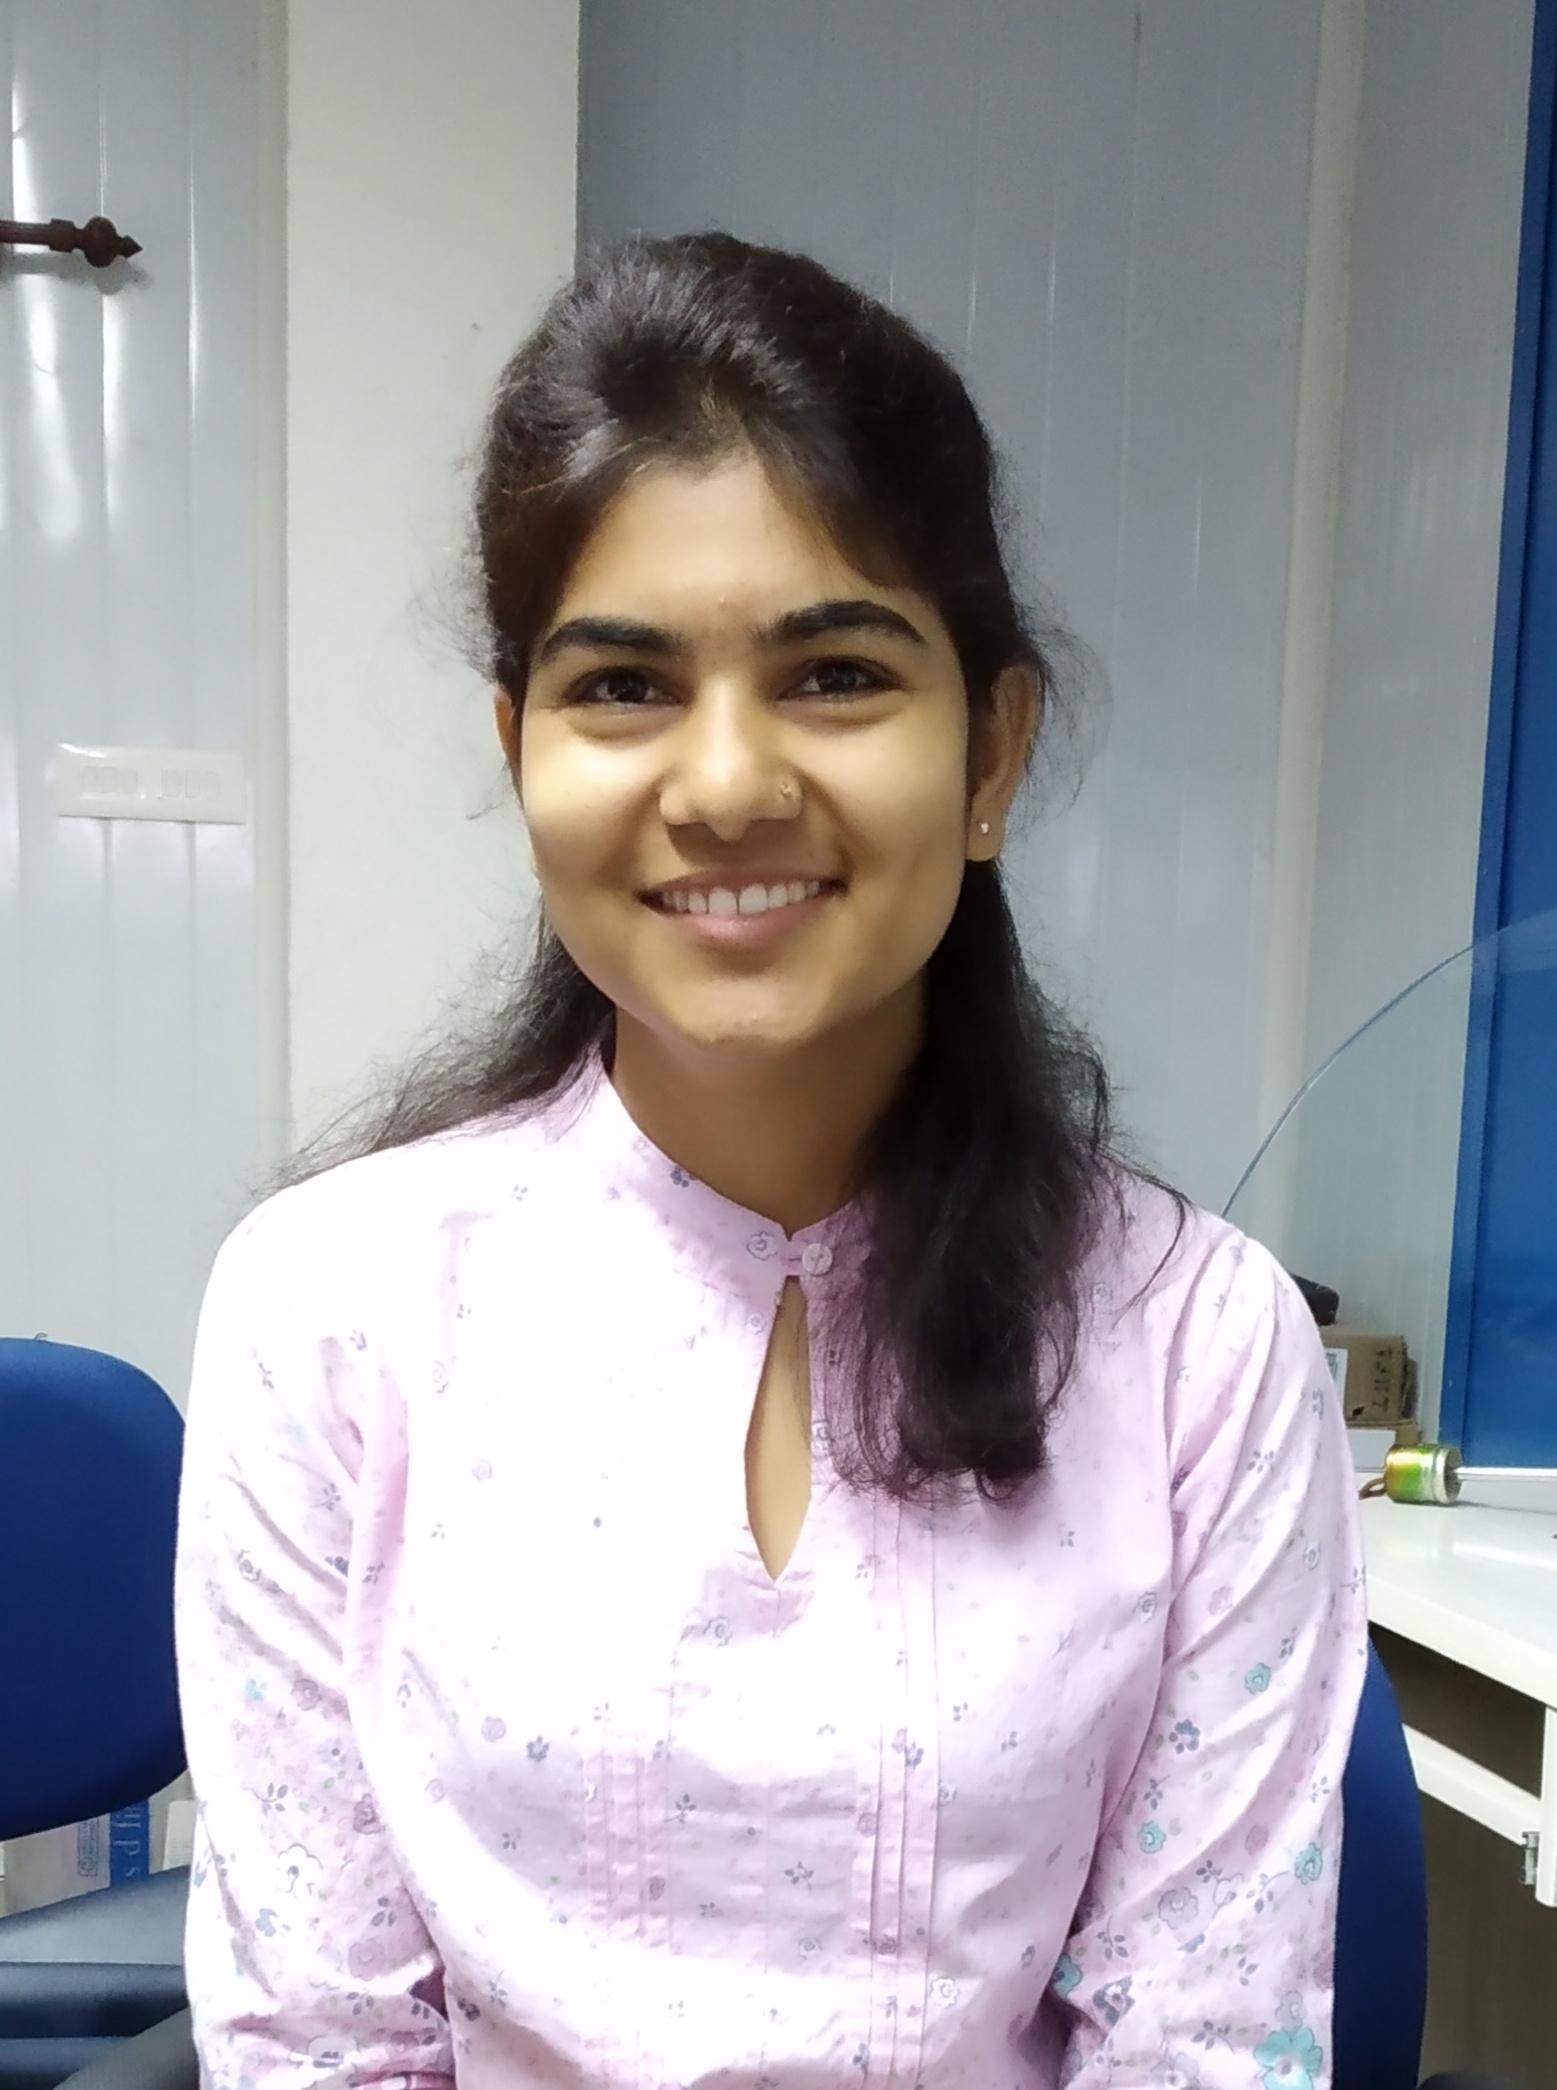 Ms. Manju